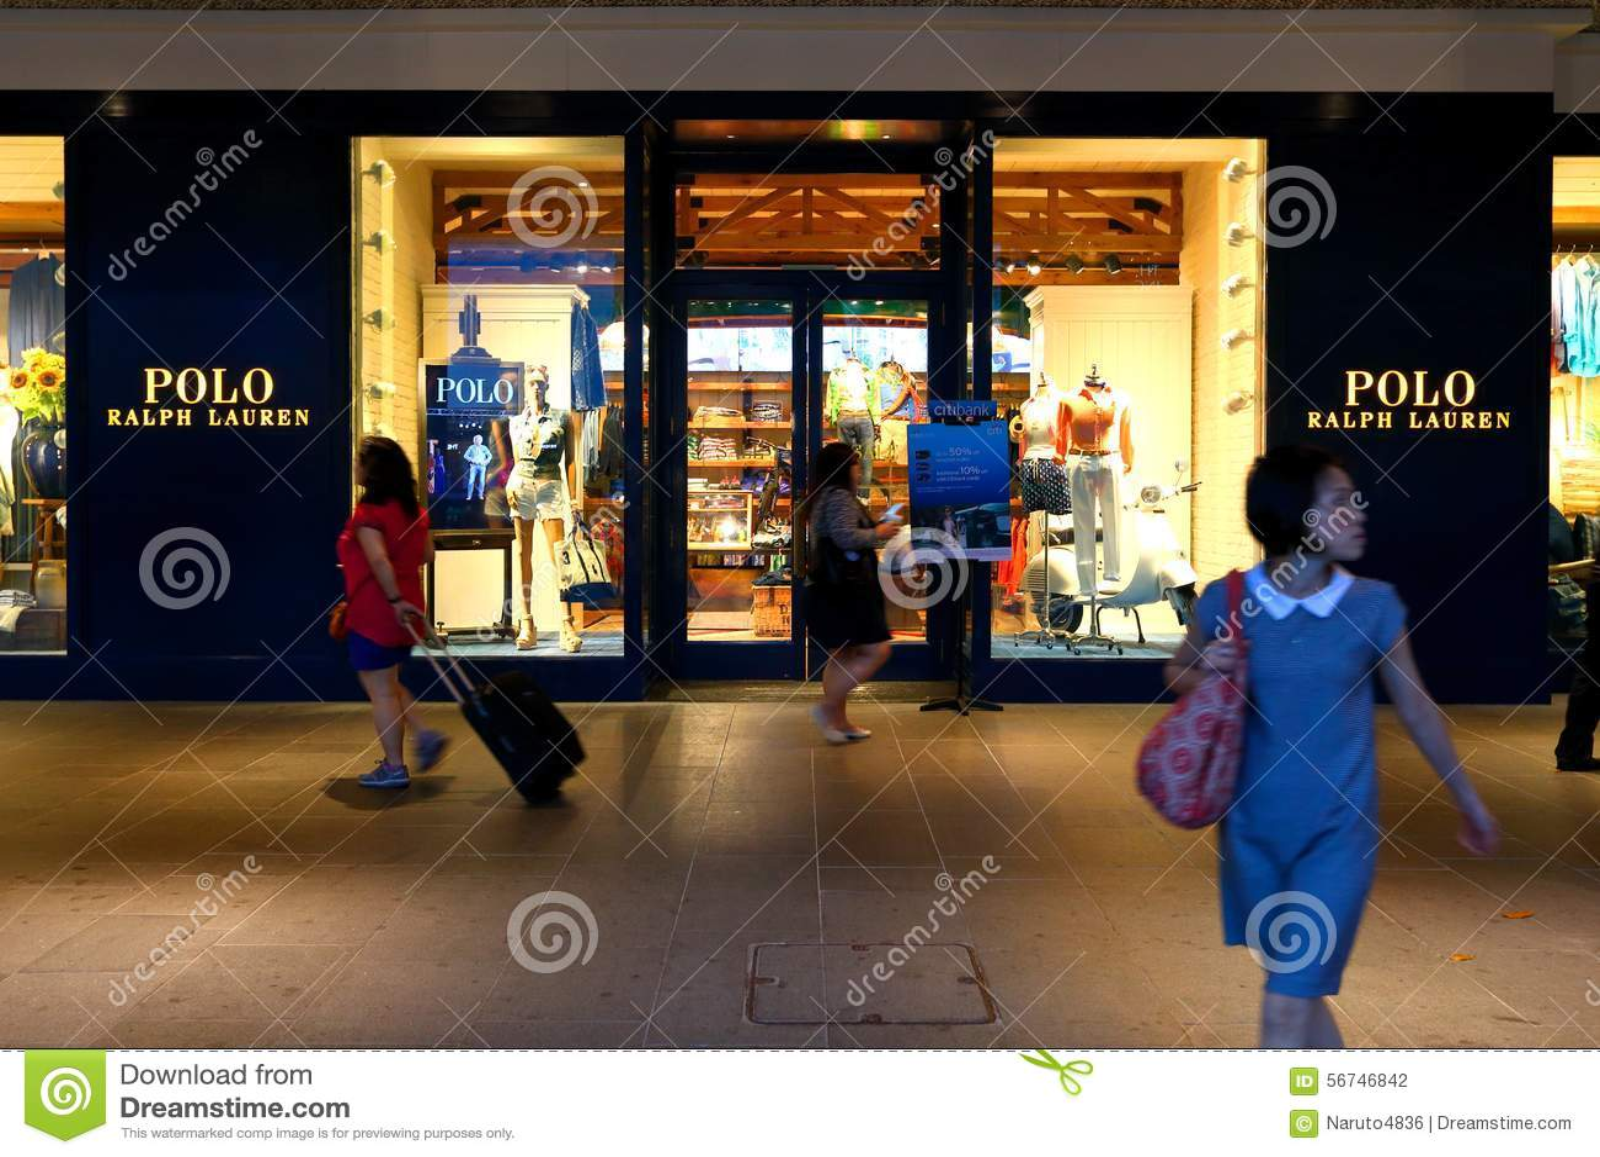 ralph lauren for mens ralph lauren retailers